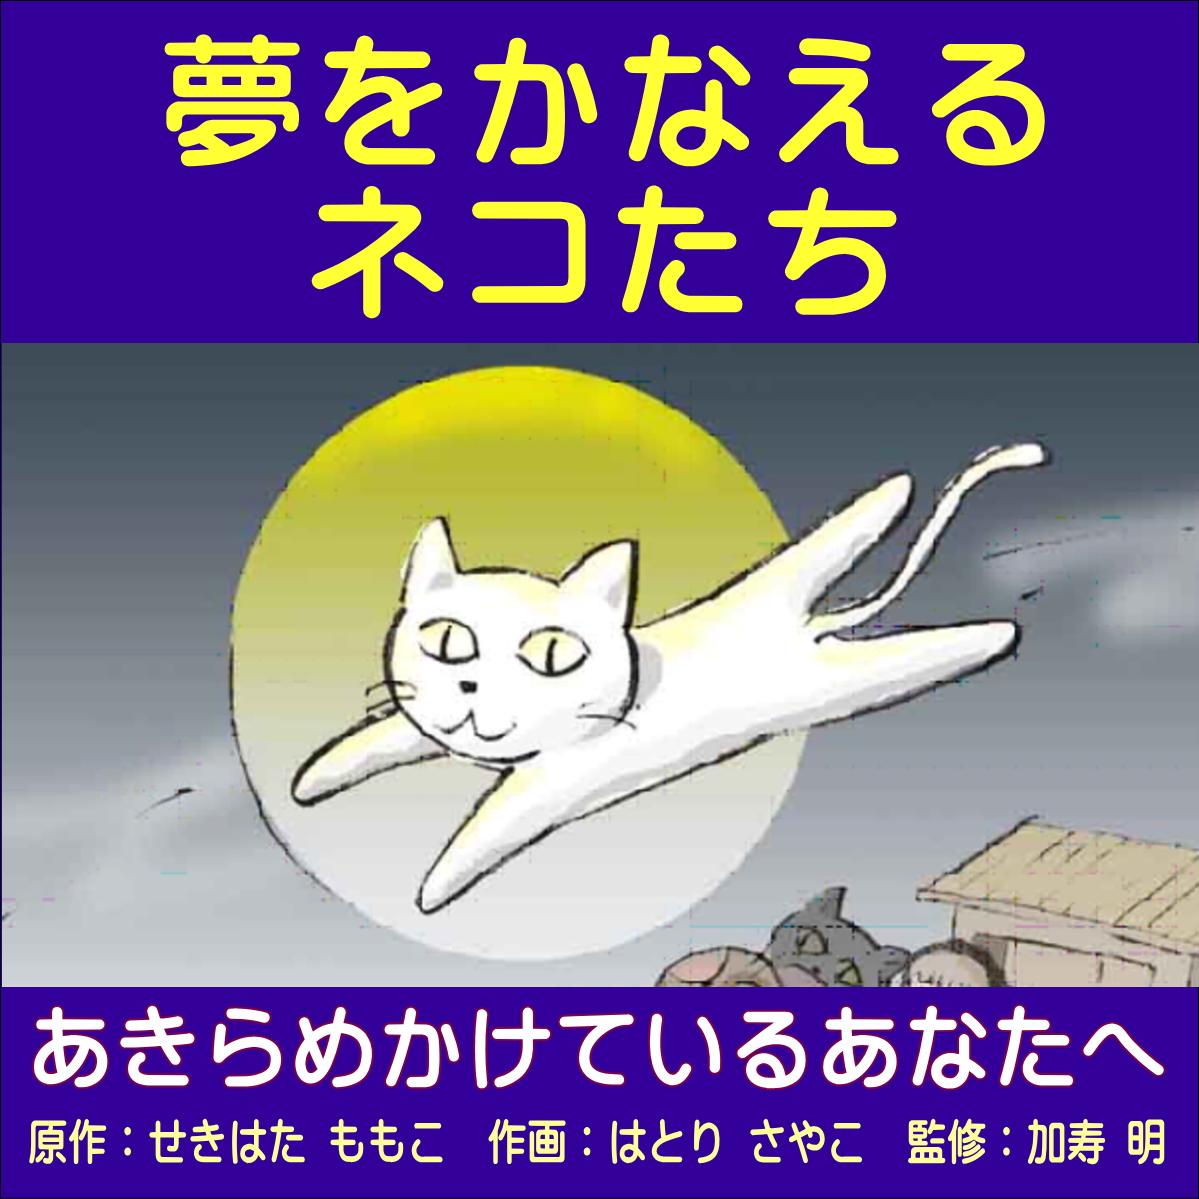 夢をかなえるネコたち表紙